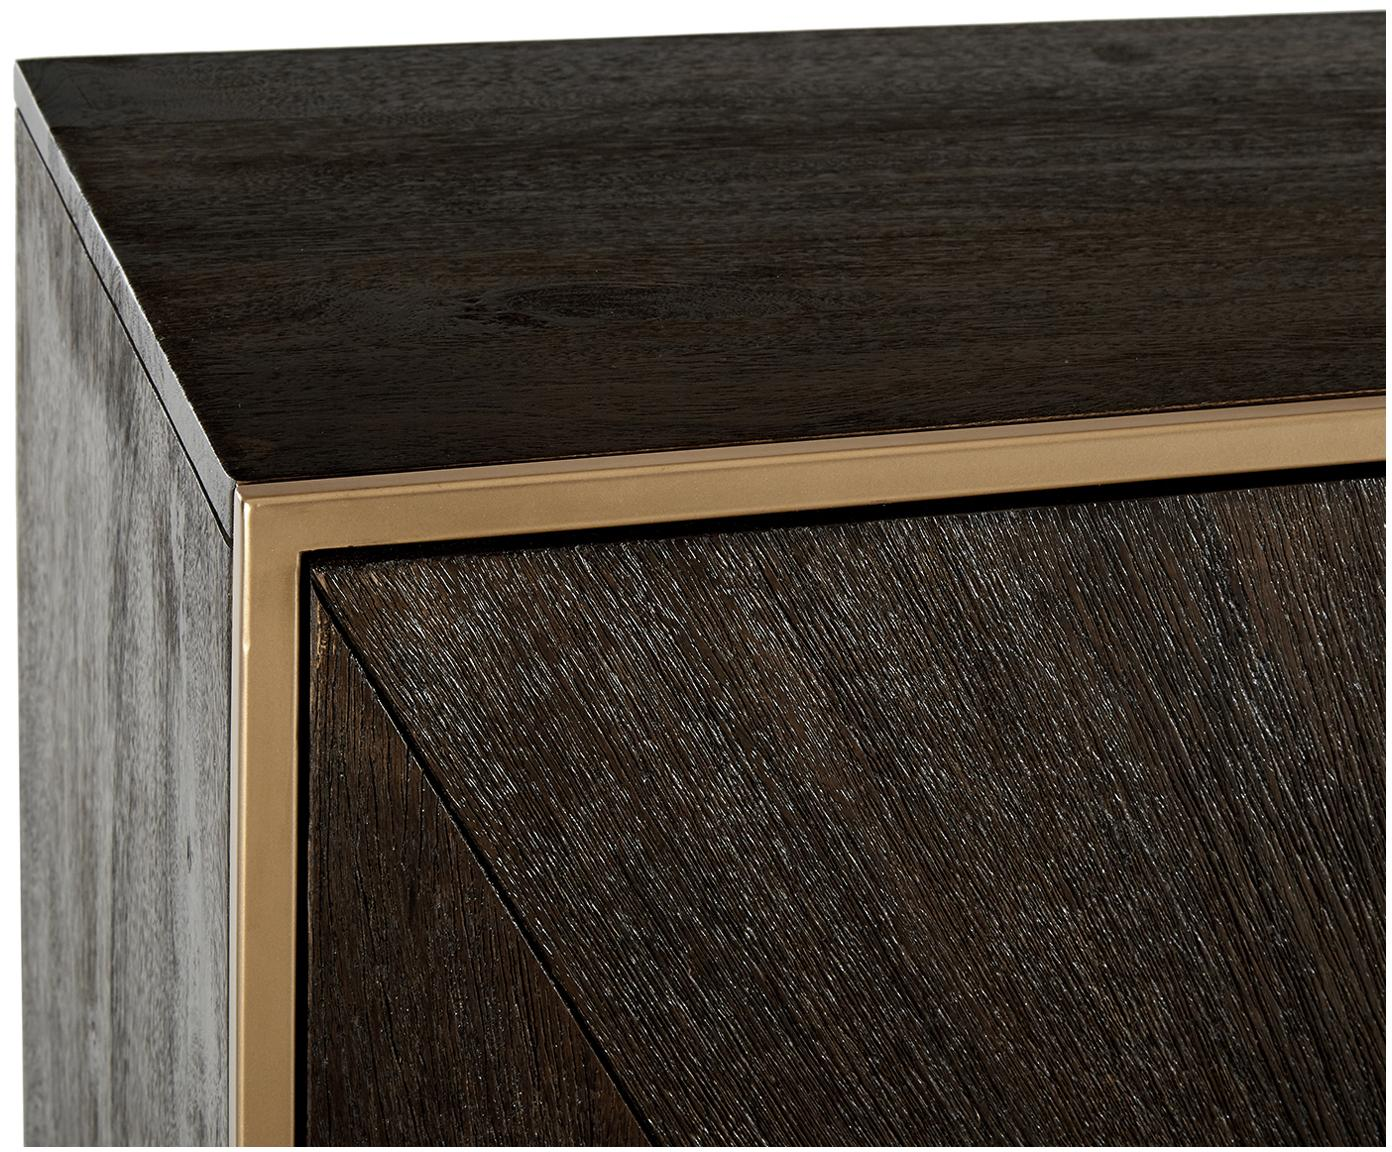 Komoda z litego drewna Harry, Korpus: lite drewno mangowe, laki, Stelaż: metal malowany proszkowo, Drewno mangowe, odcienie złotego, S 175 x W 85 cm